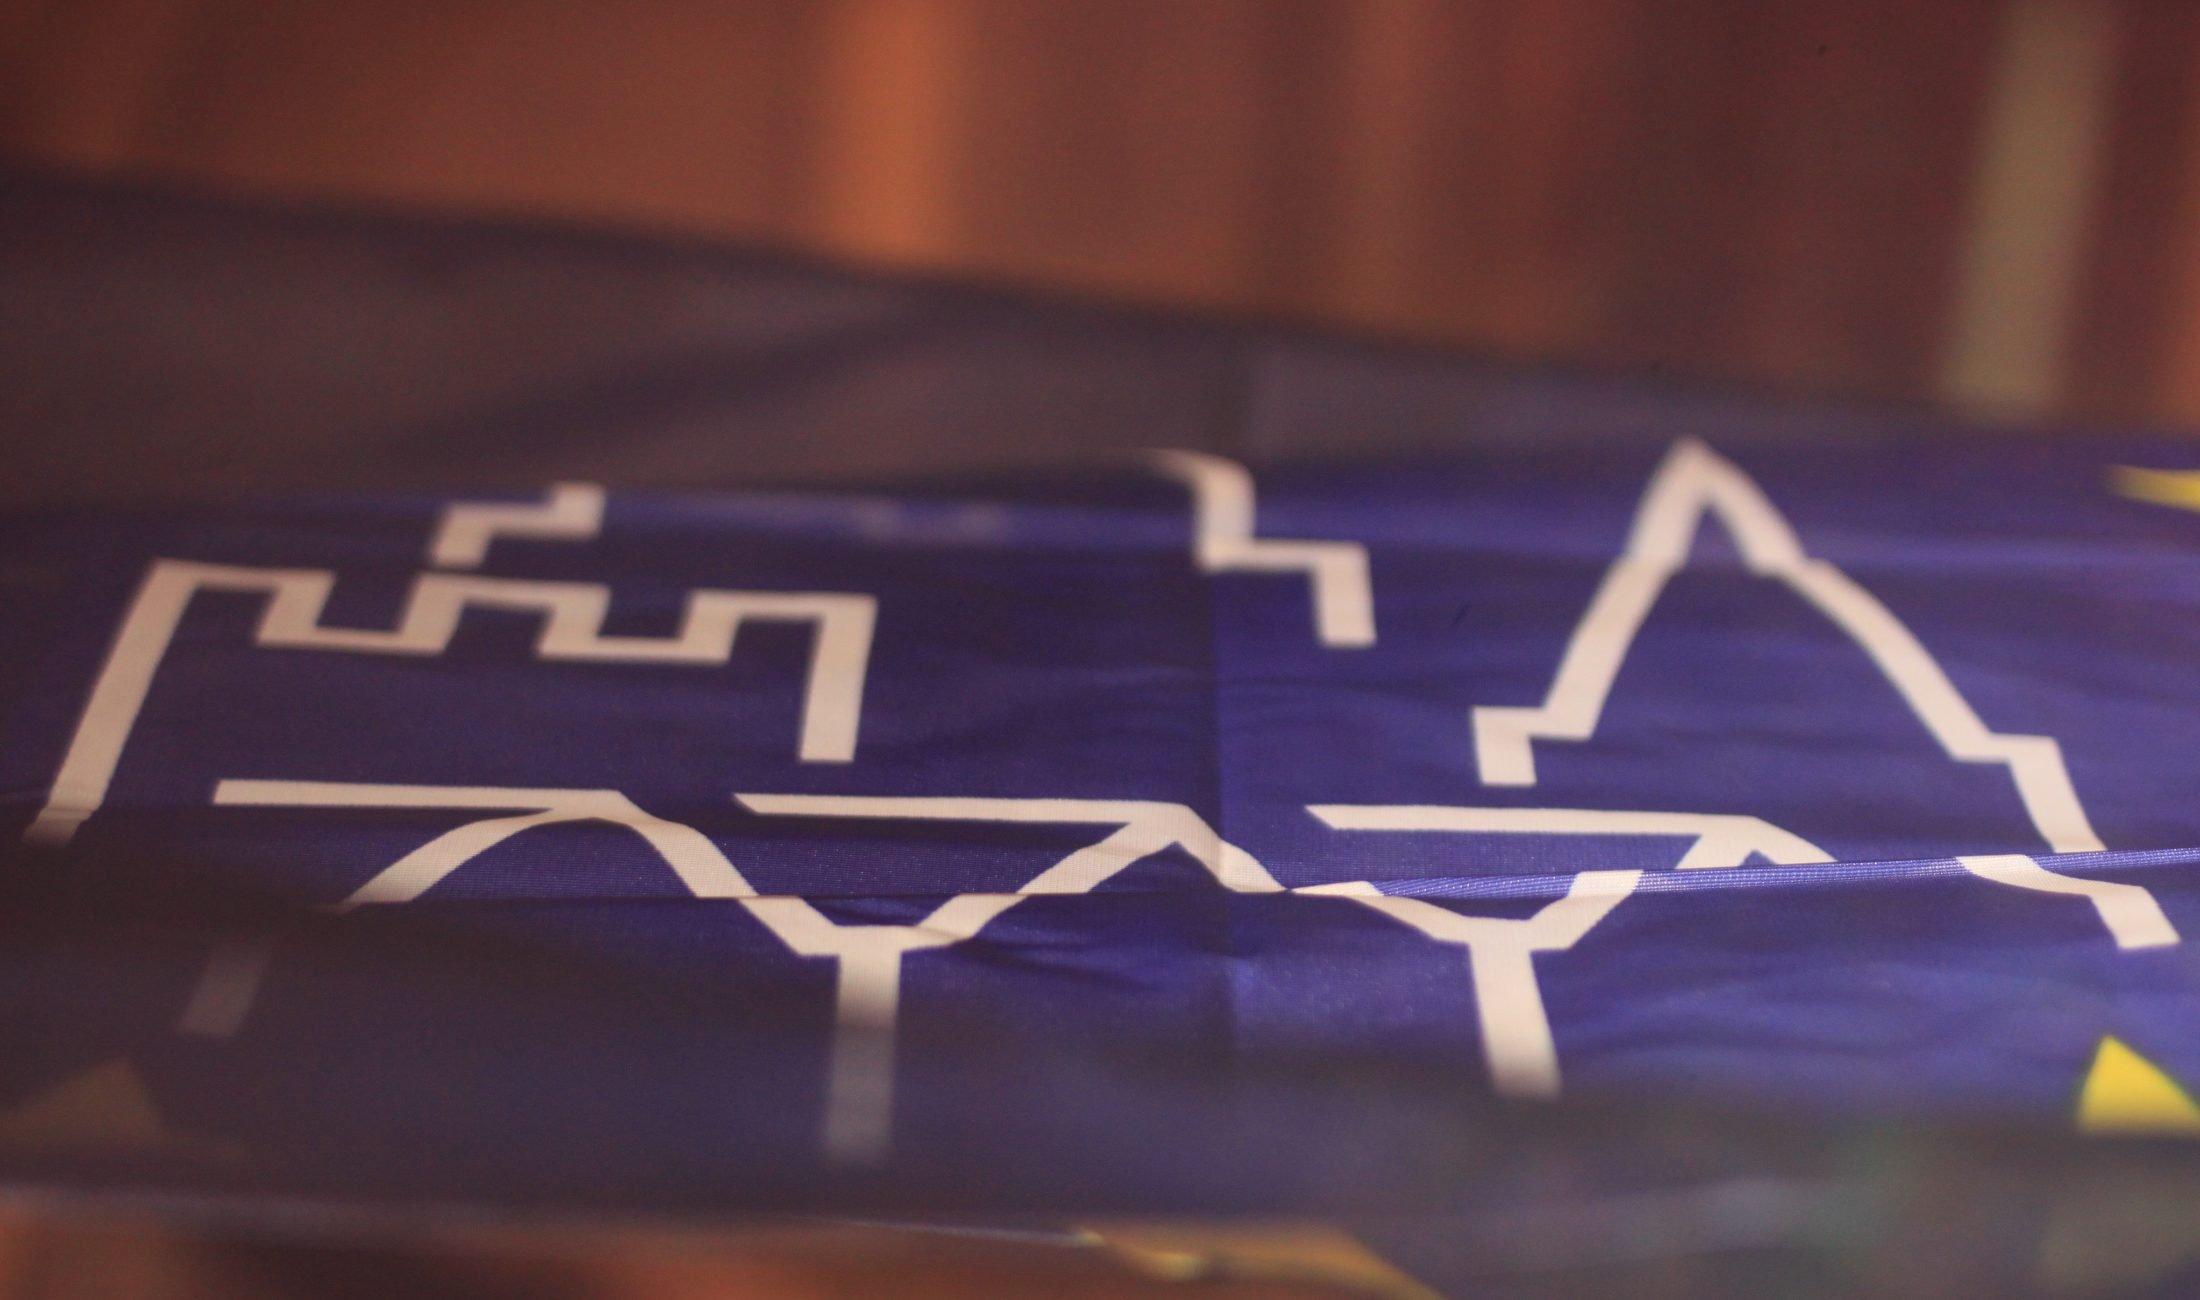 Eiropys kulturys montuojuma dīnu 2018 nūtikšonys Latgolā